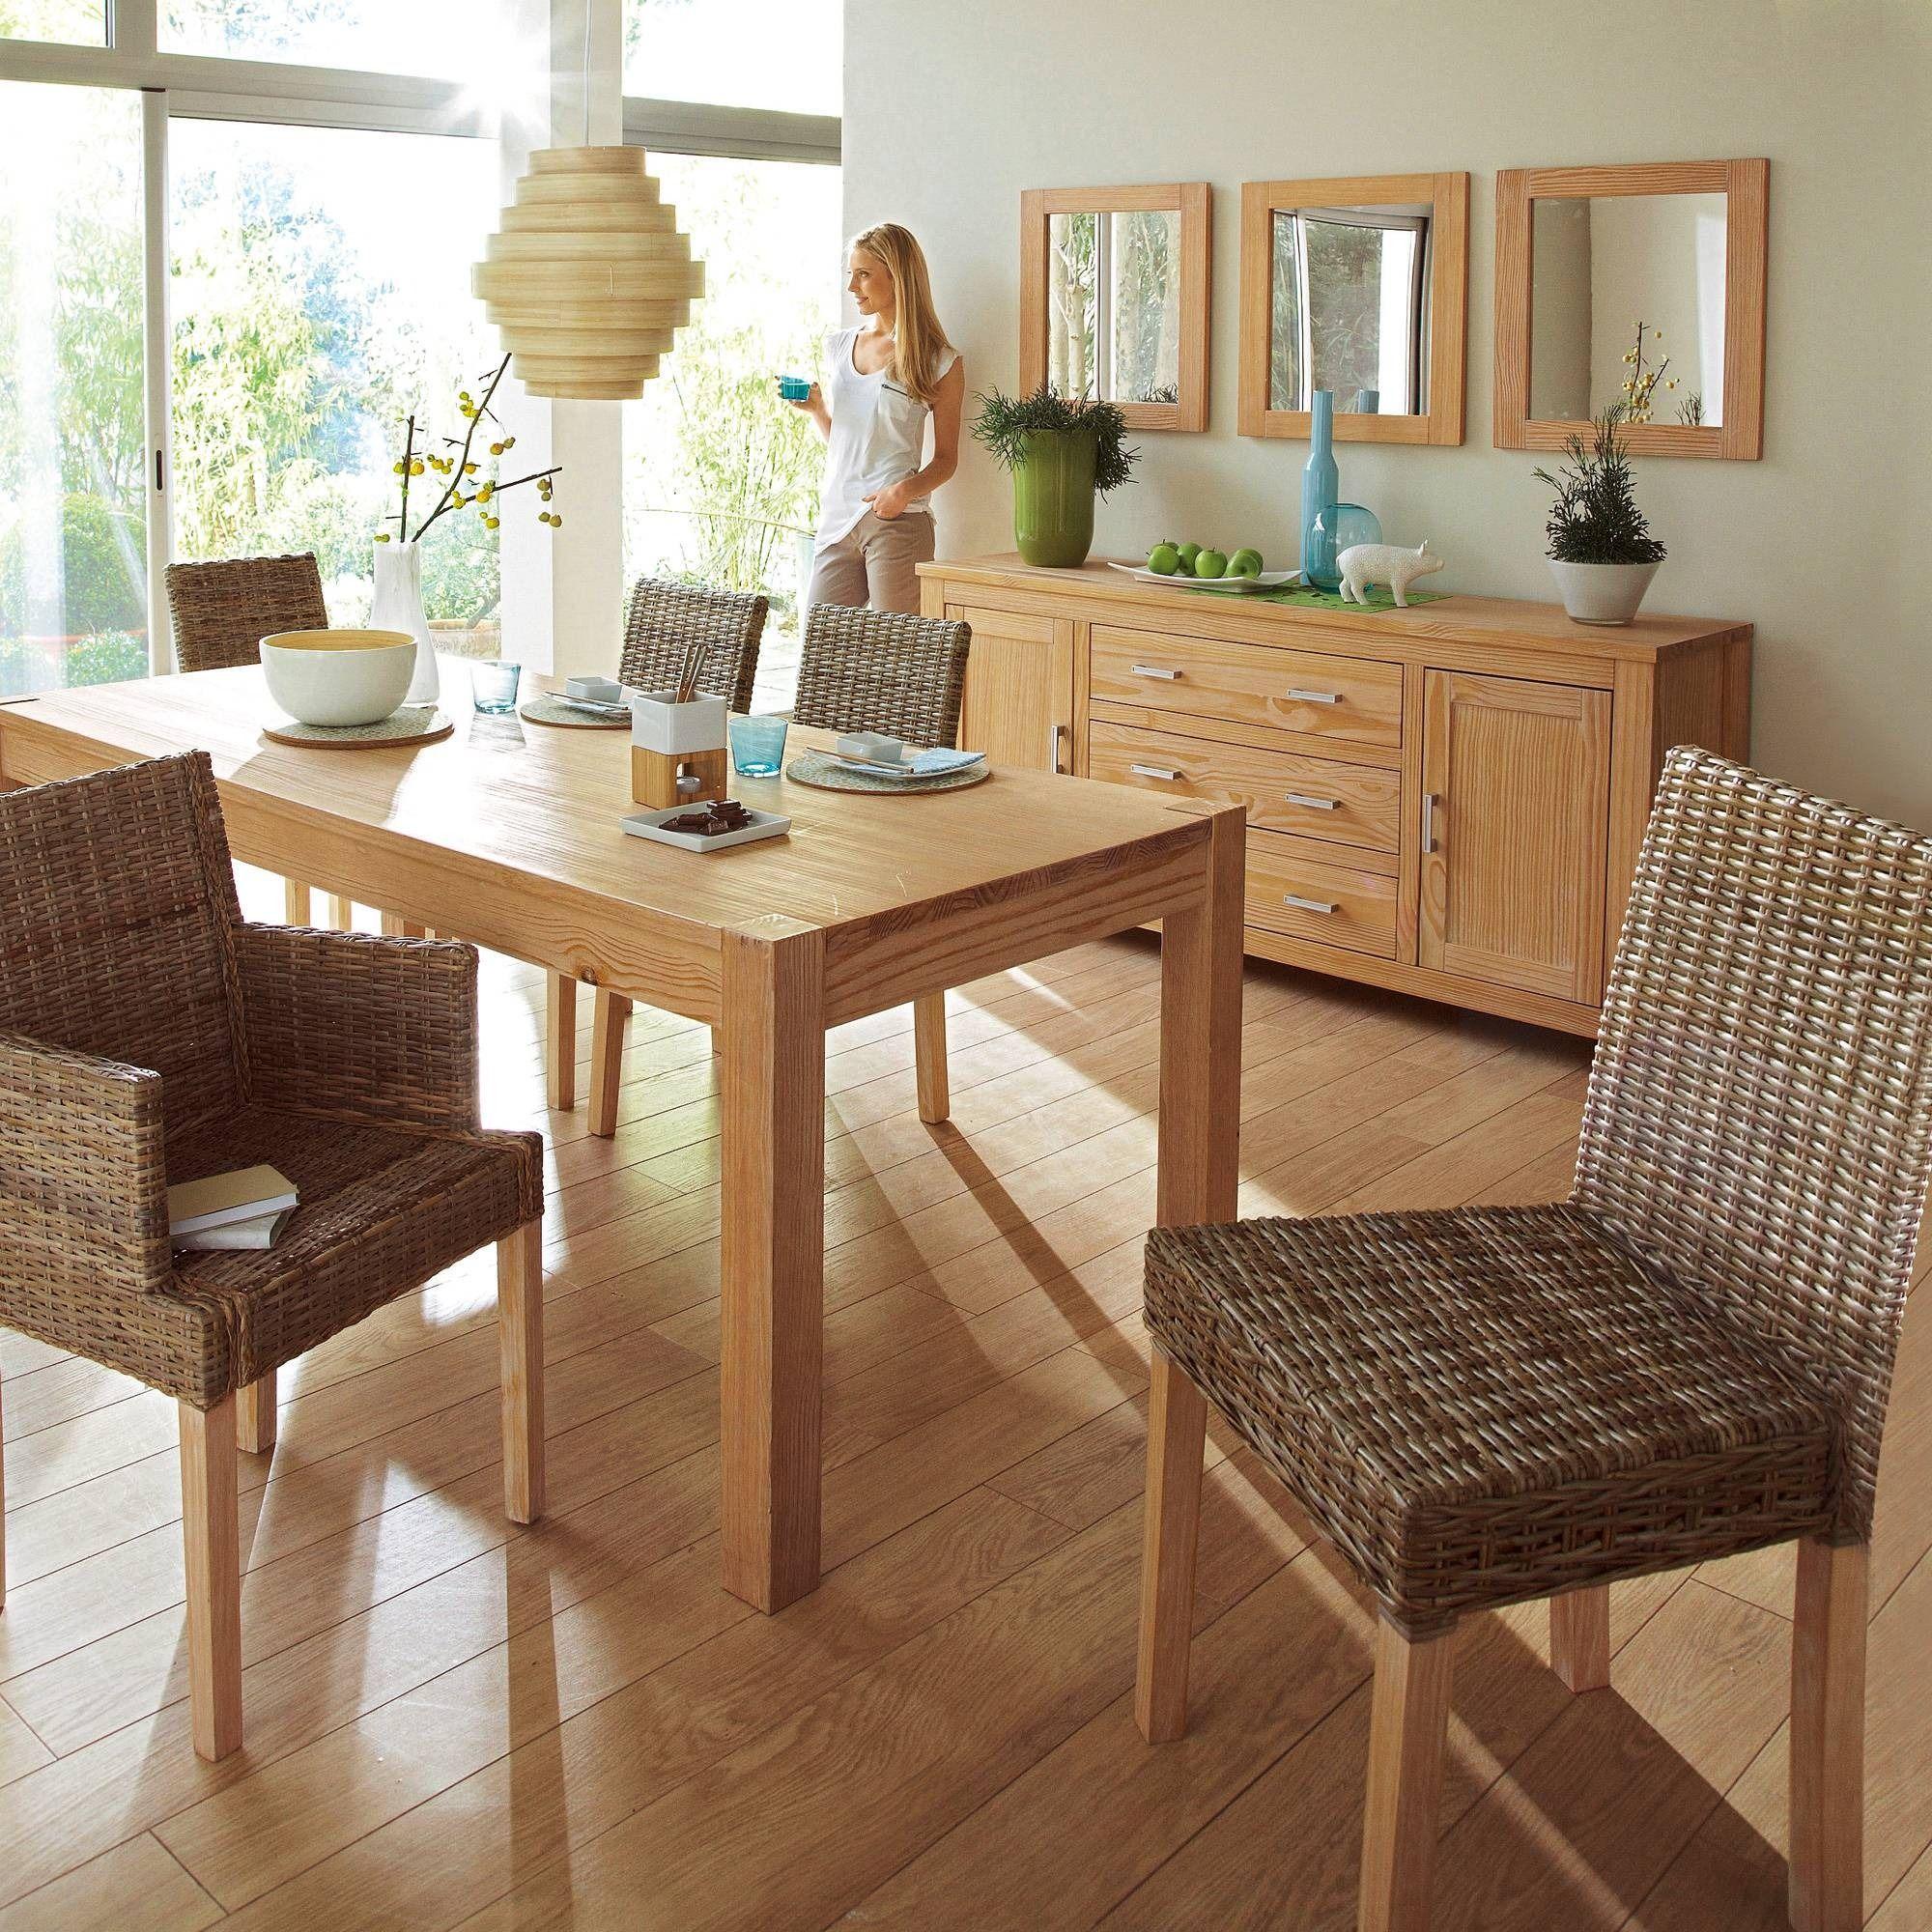 Table Rectangulaire 160 X 90 Cm 6 Couverts En Pin Et Plaque Pin Certifie Fsc Okyl 3 Suisses Mobilier De Salon Mobilier Et Decoration Maison